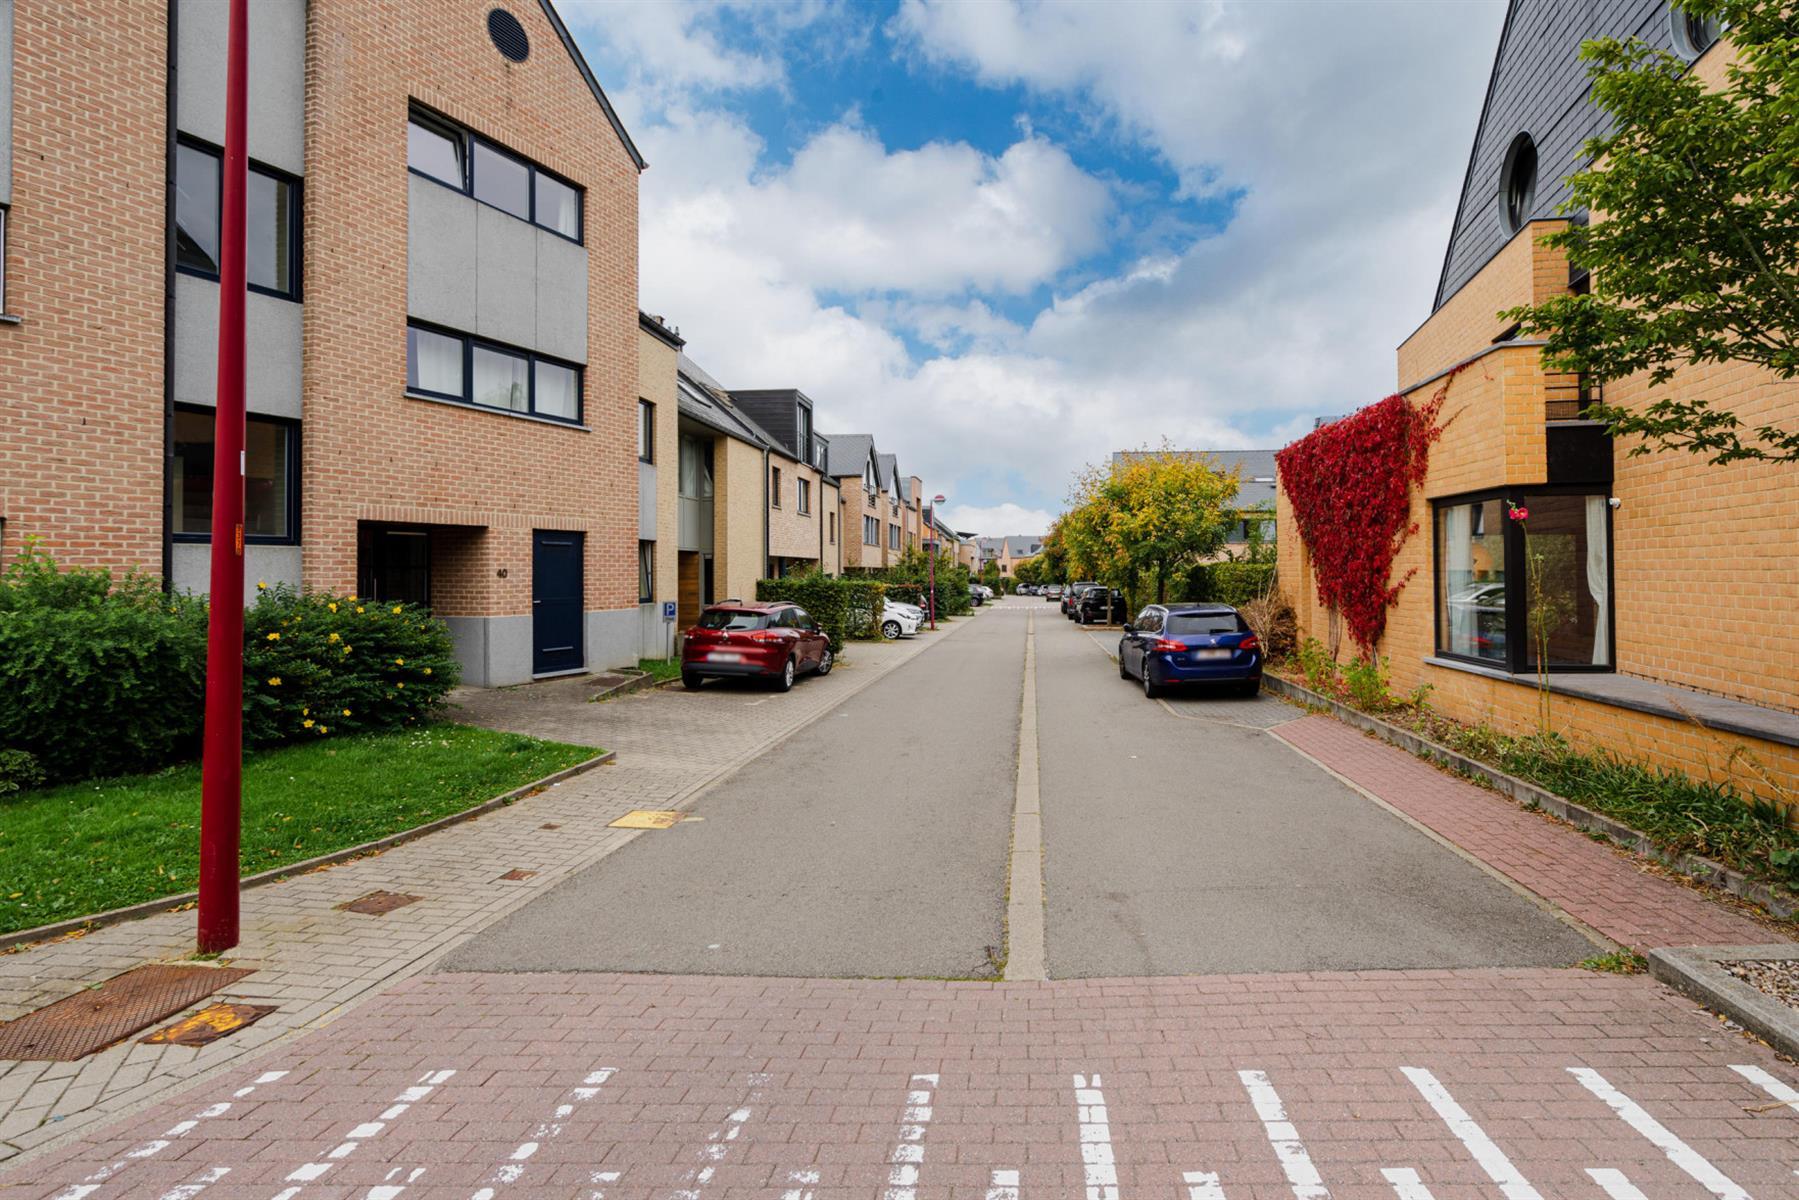 Appartement - Ottignies-louvain-la-neuve - #4505964-26